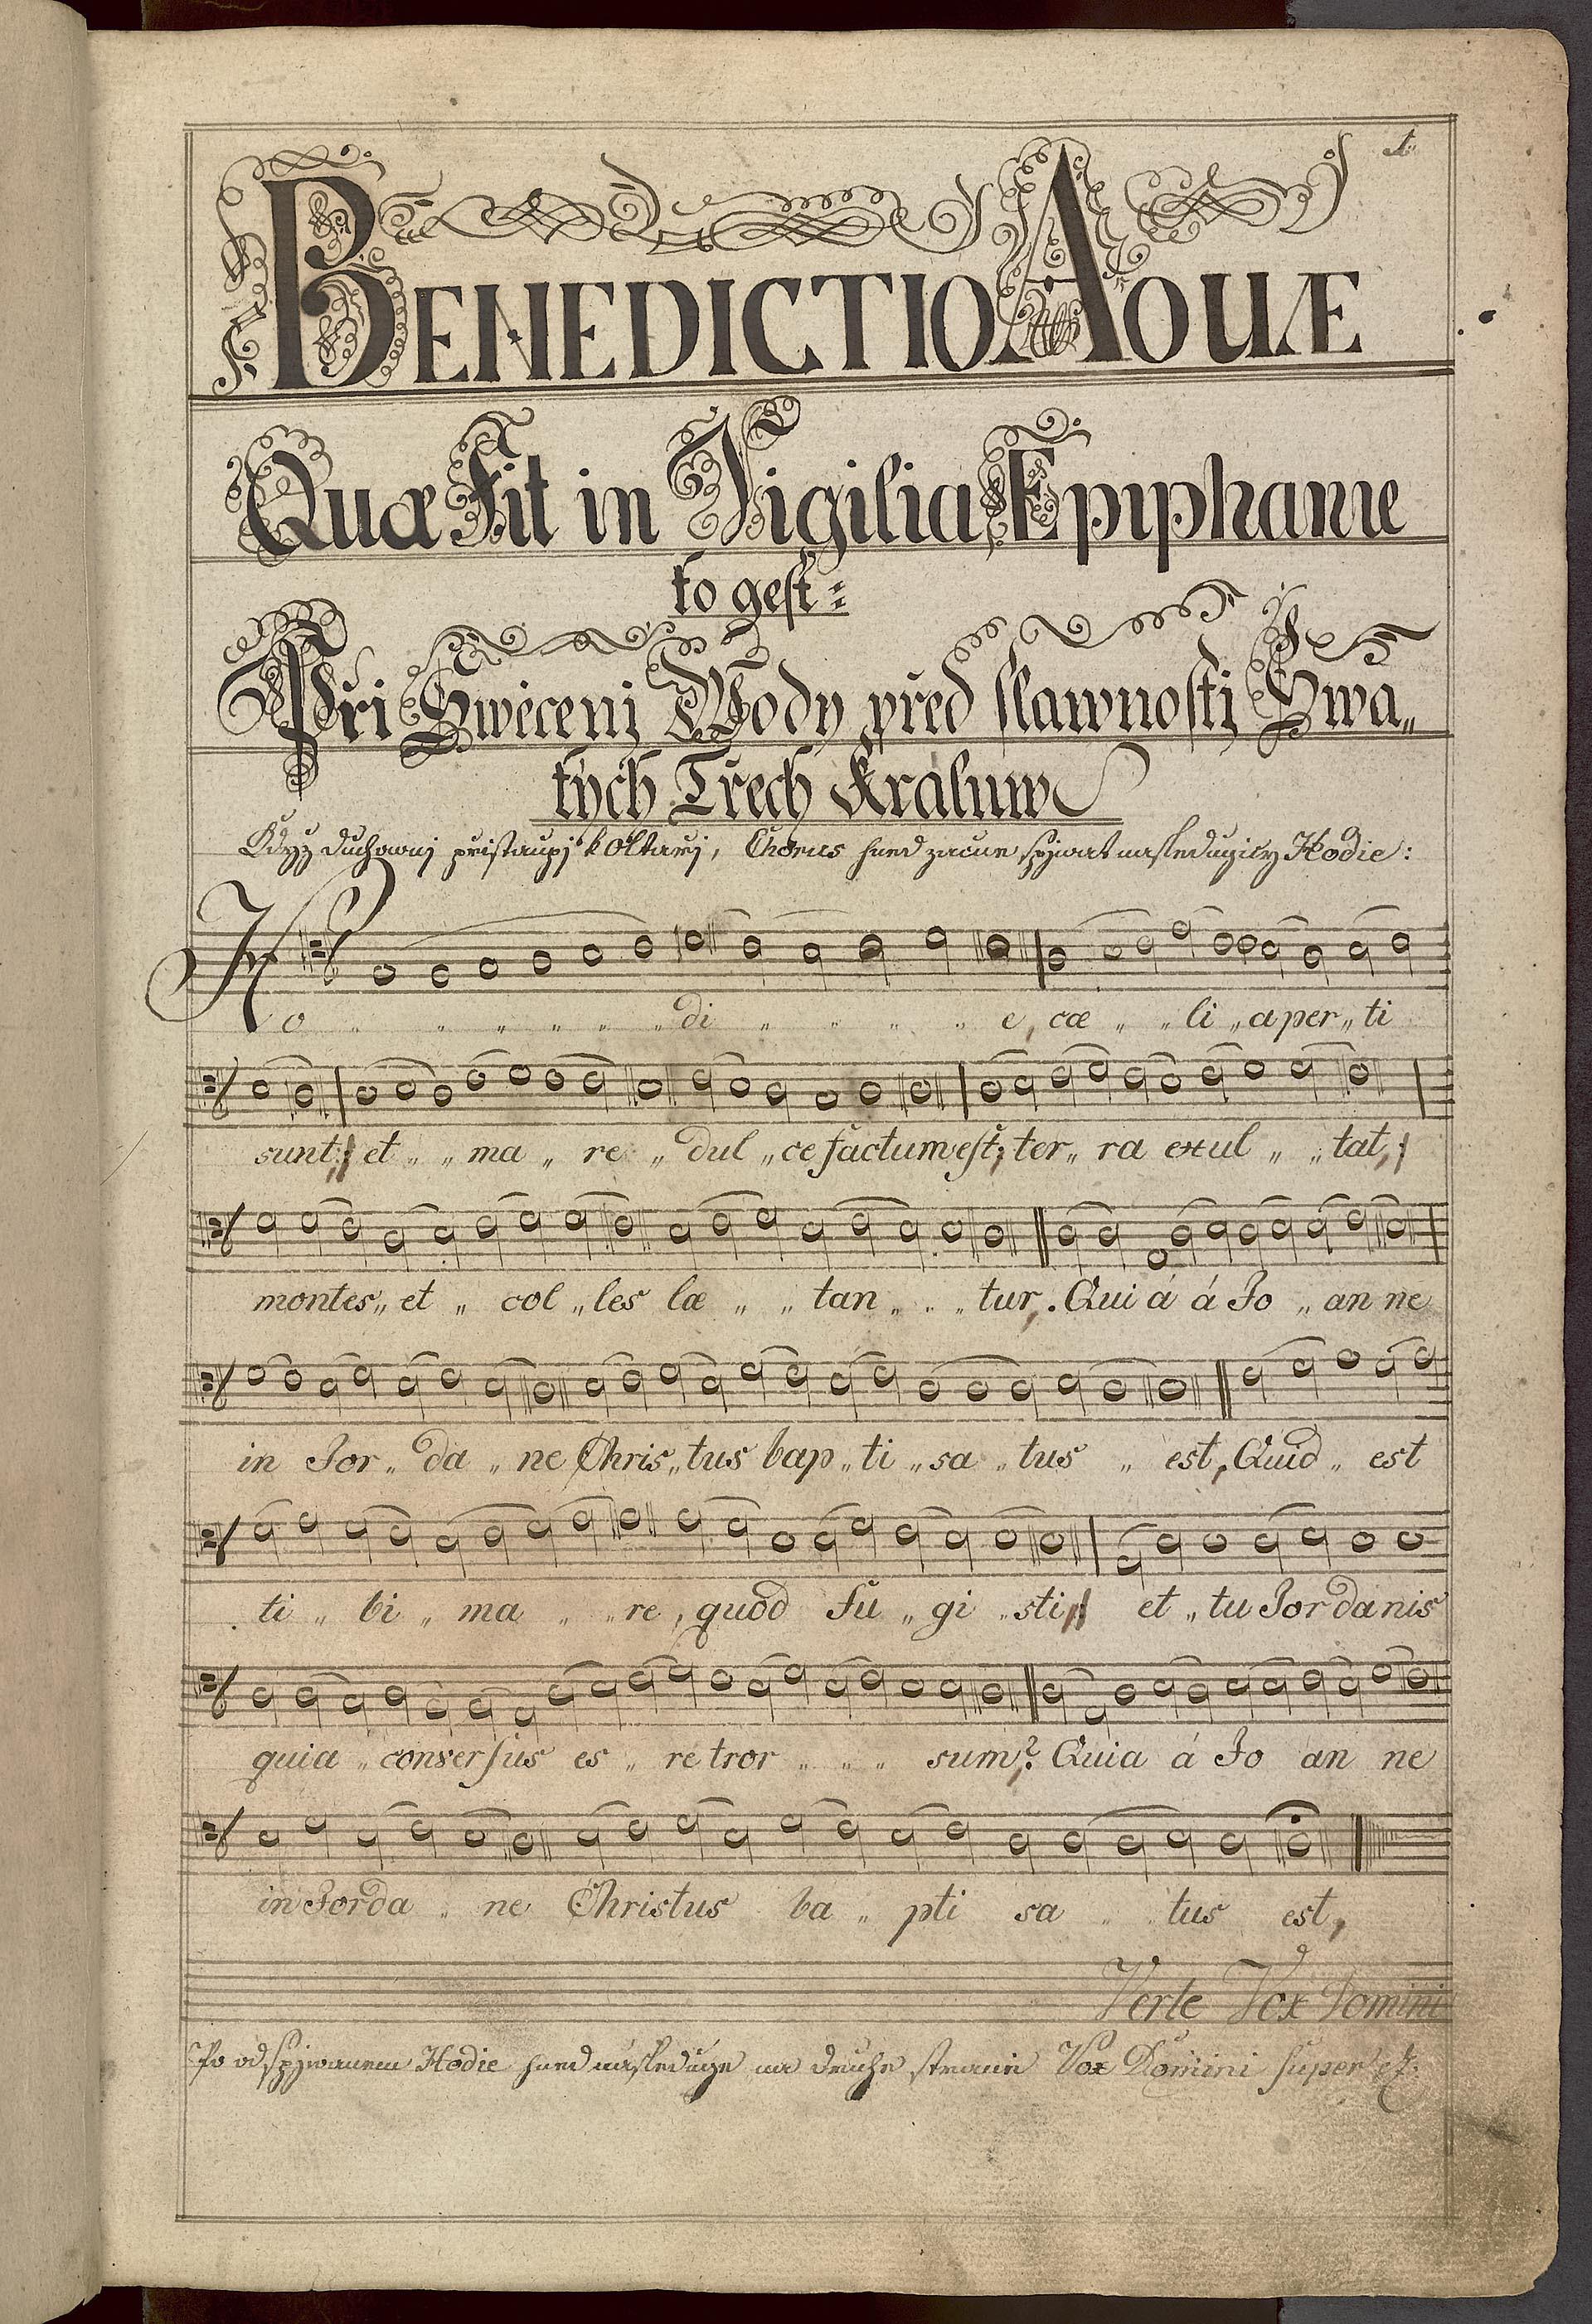 Liber Ceremoniarum Per Totumannum Compilatus [...] Iohannis Baptist Mazel